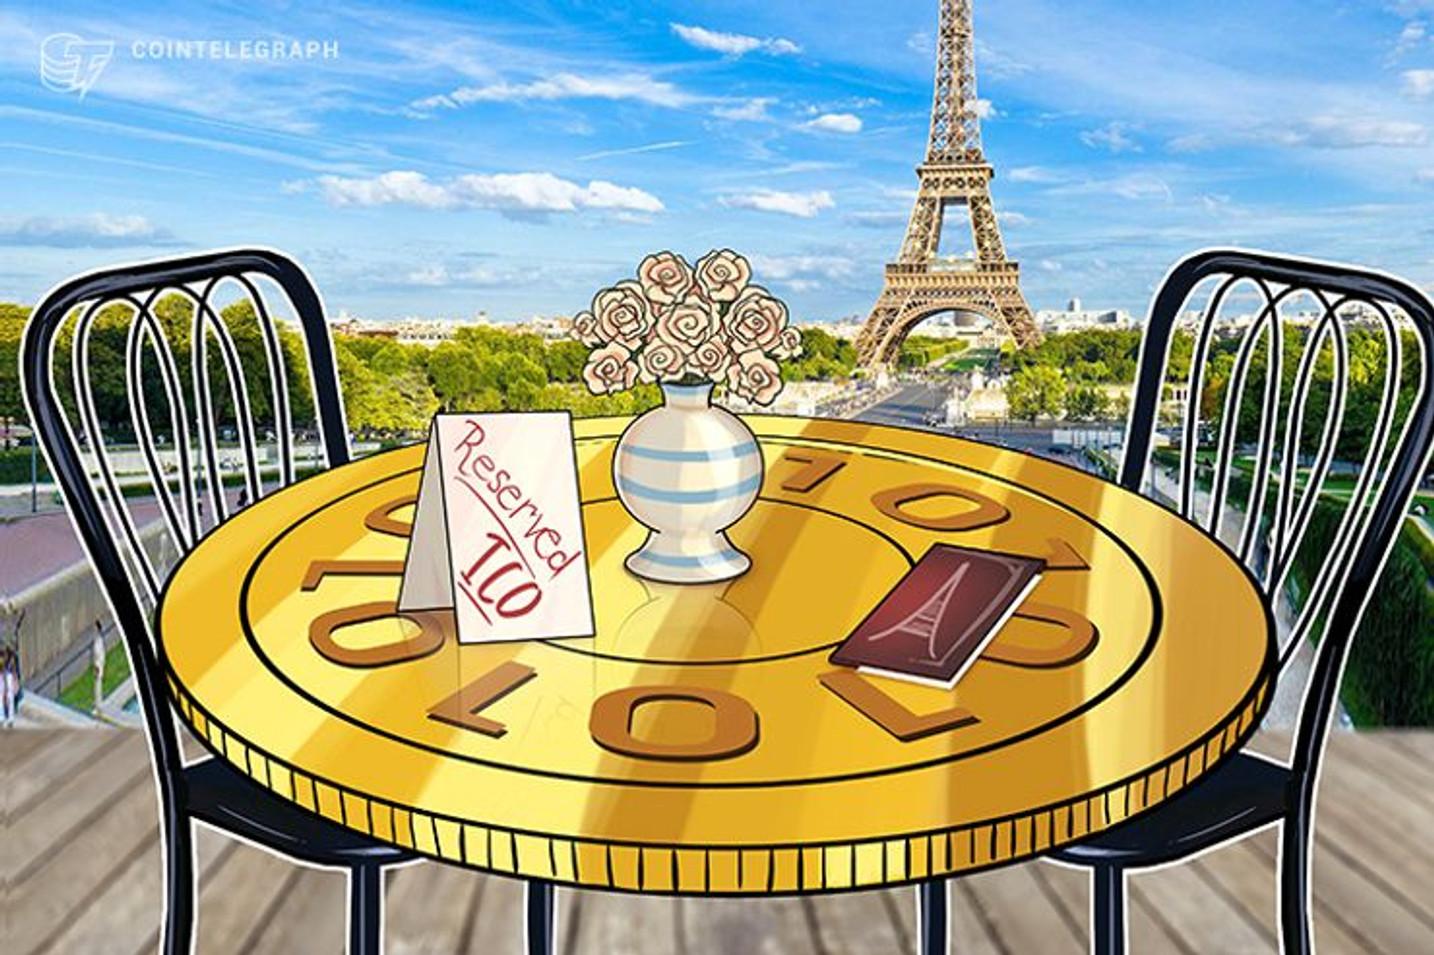 フランス規制当局AMF、ICOを初承認  | 昨年に規制枠組みを導入【ニュース】